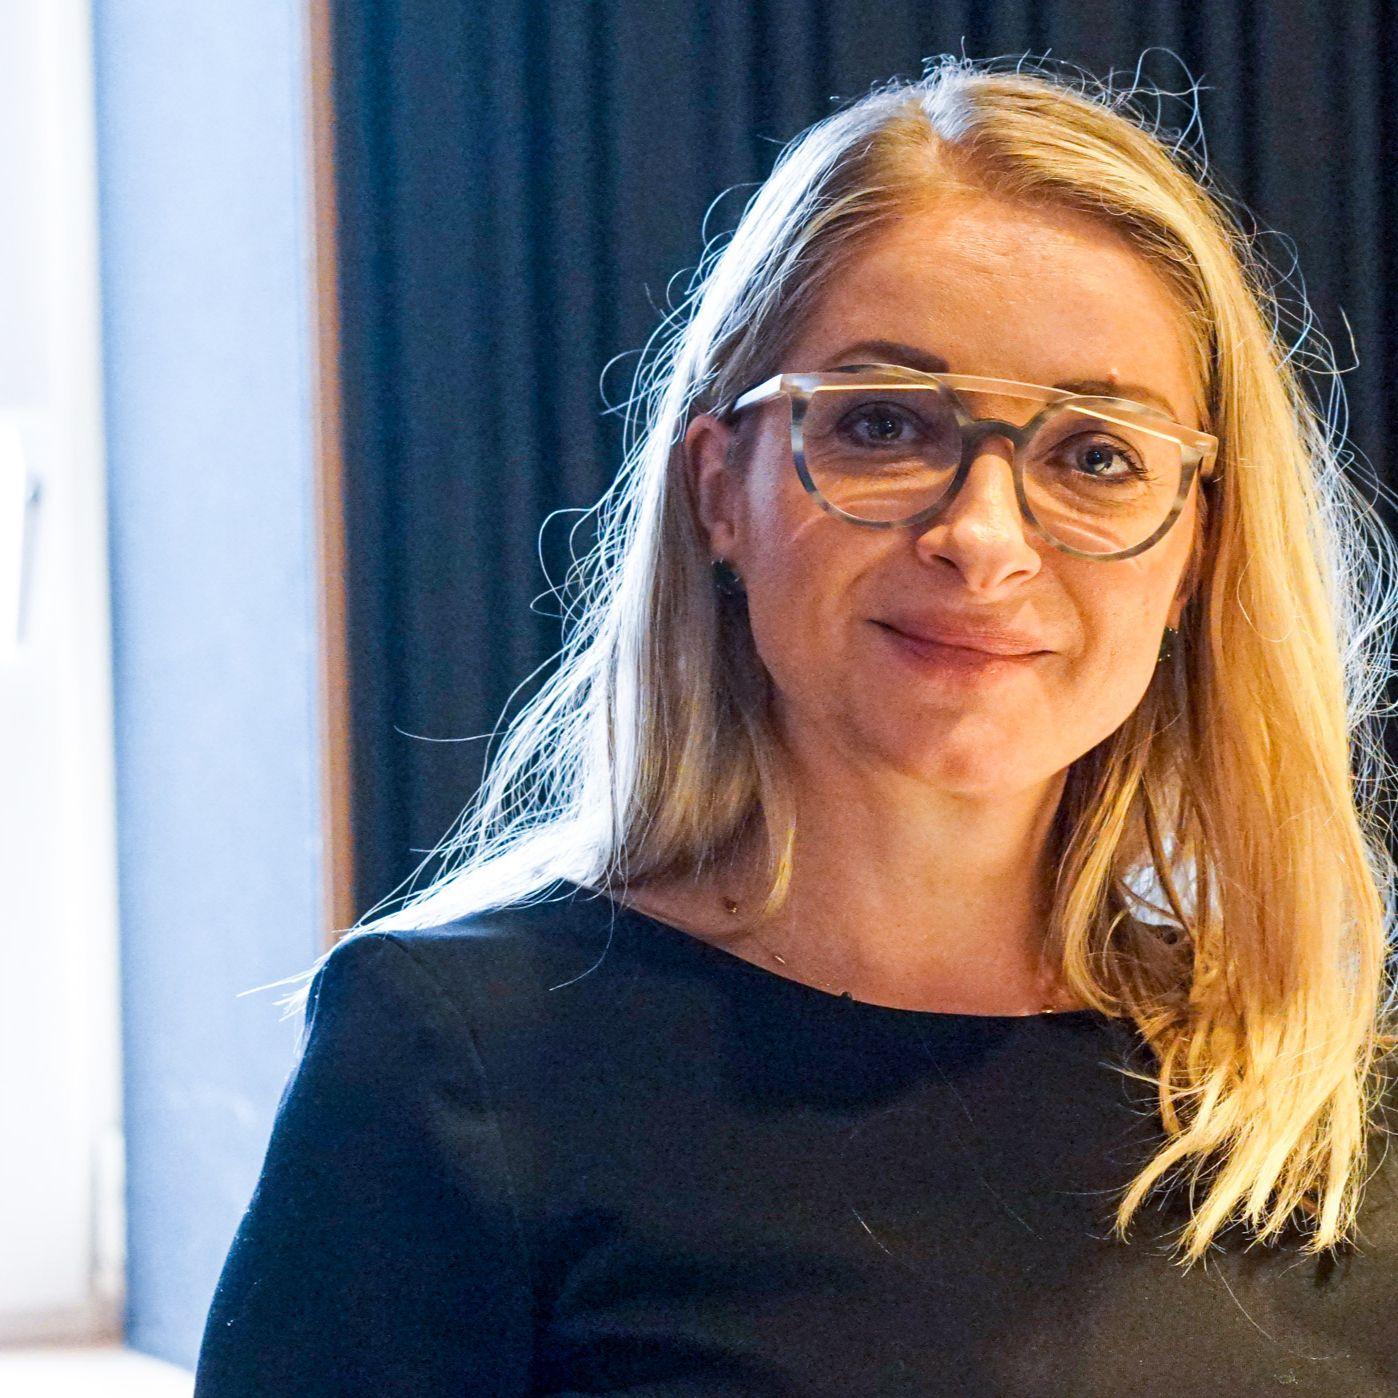 Mária Malová - Slovákom žijúcim v Británii zabezpečuje doterajšie práva Brexitová dohoda